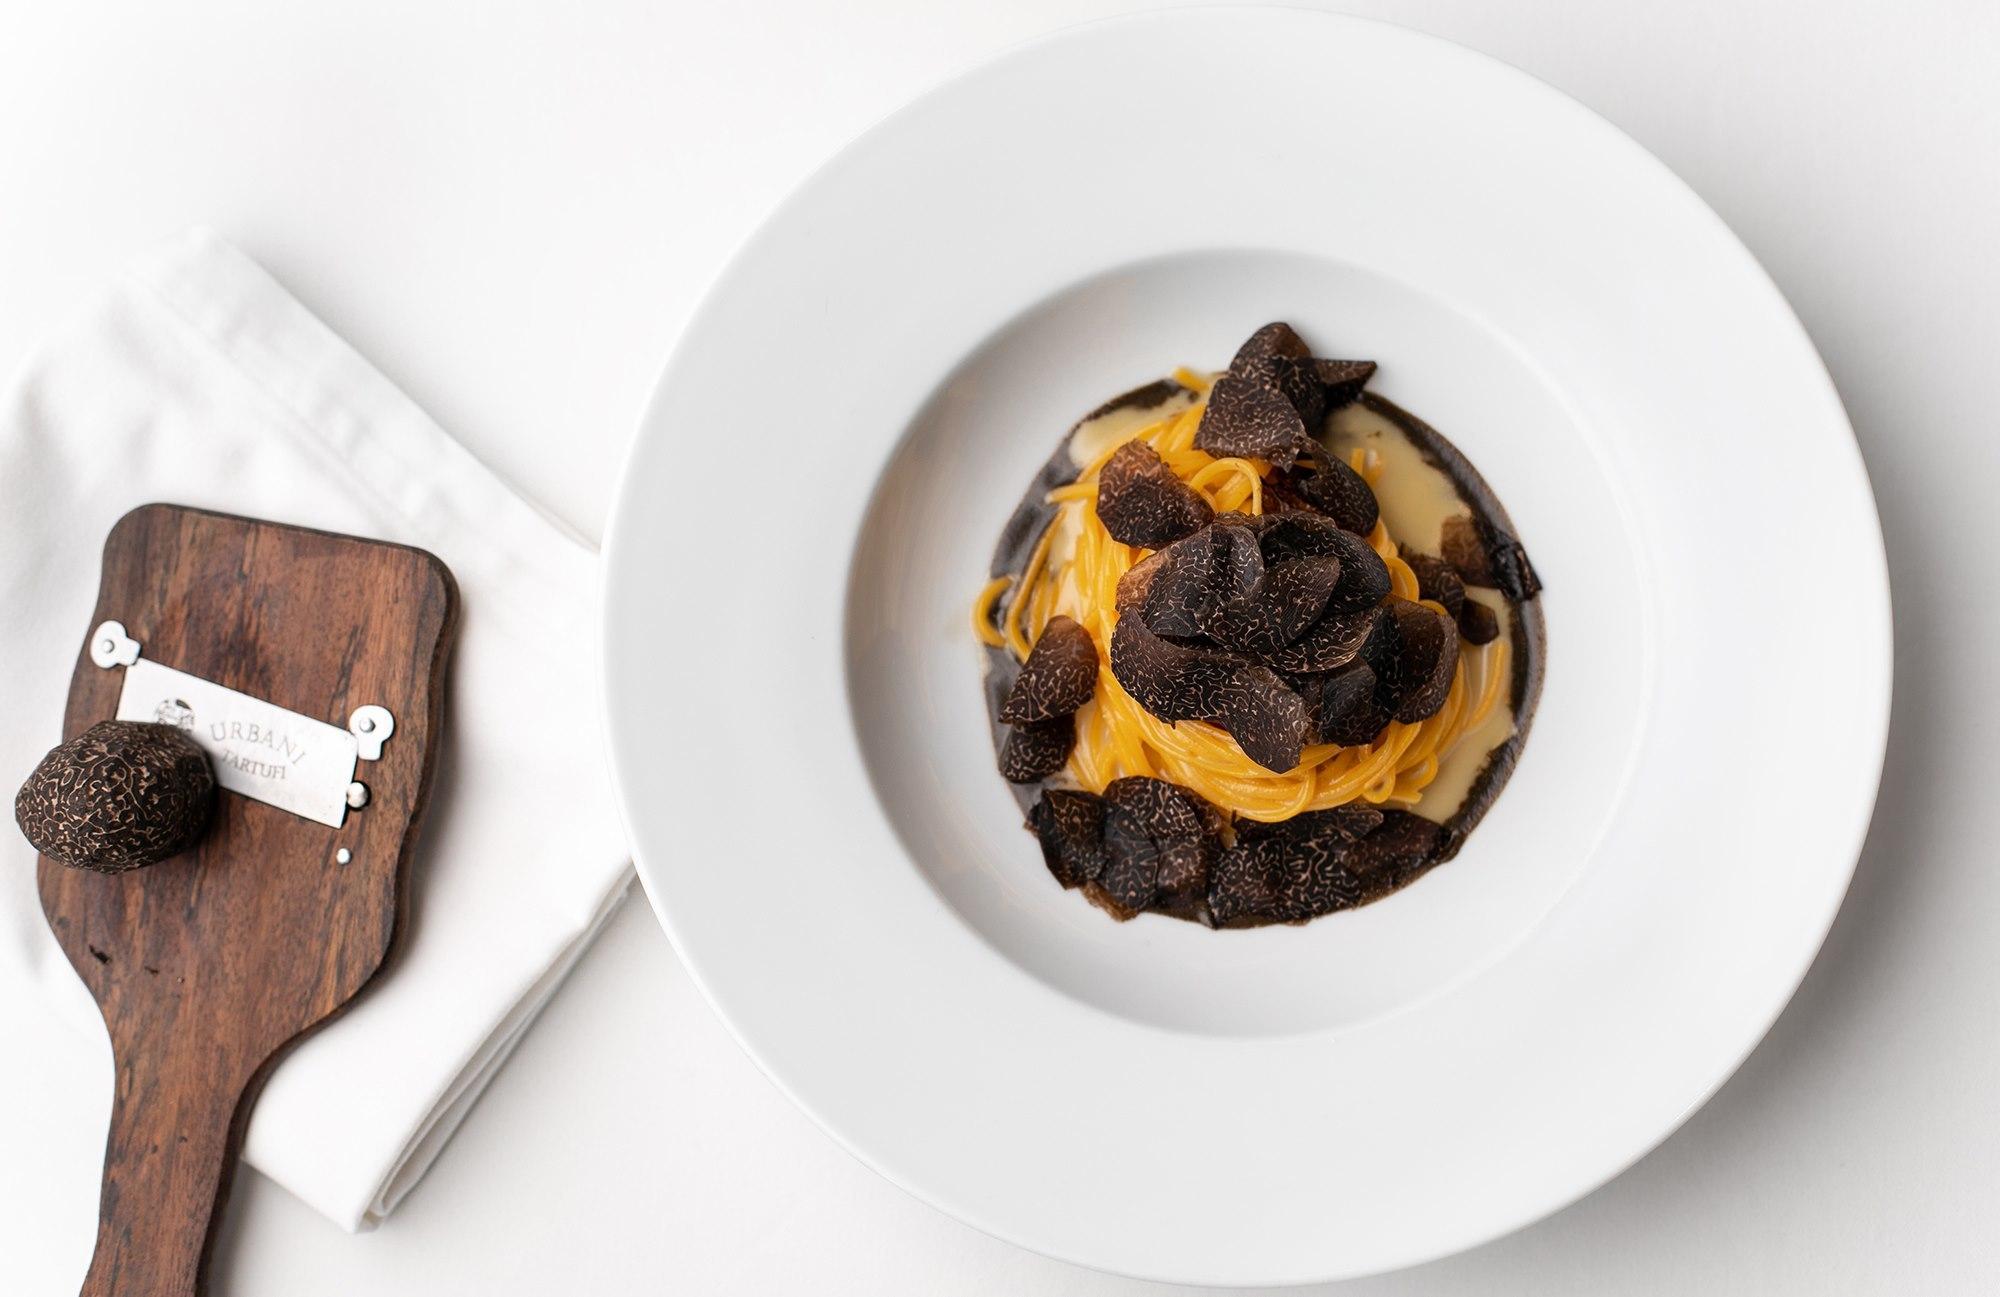 Octavium black truffle pasta